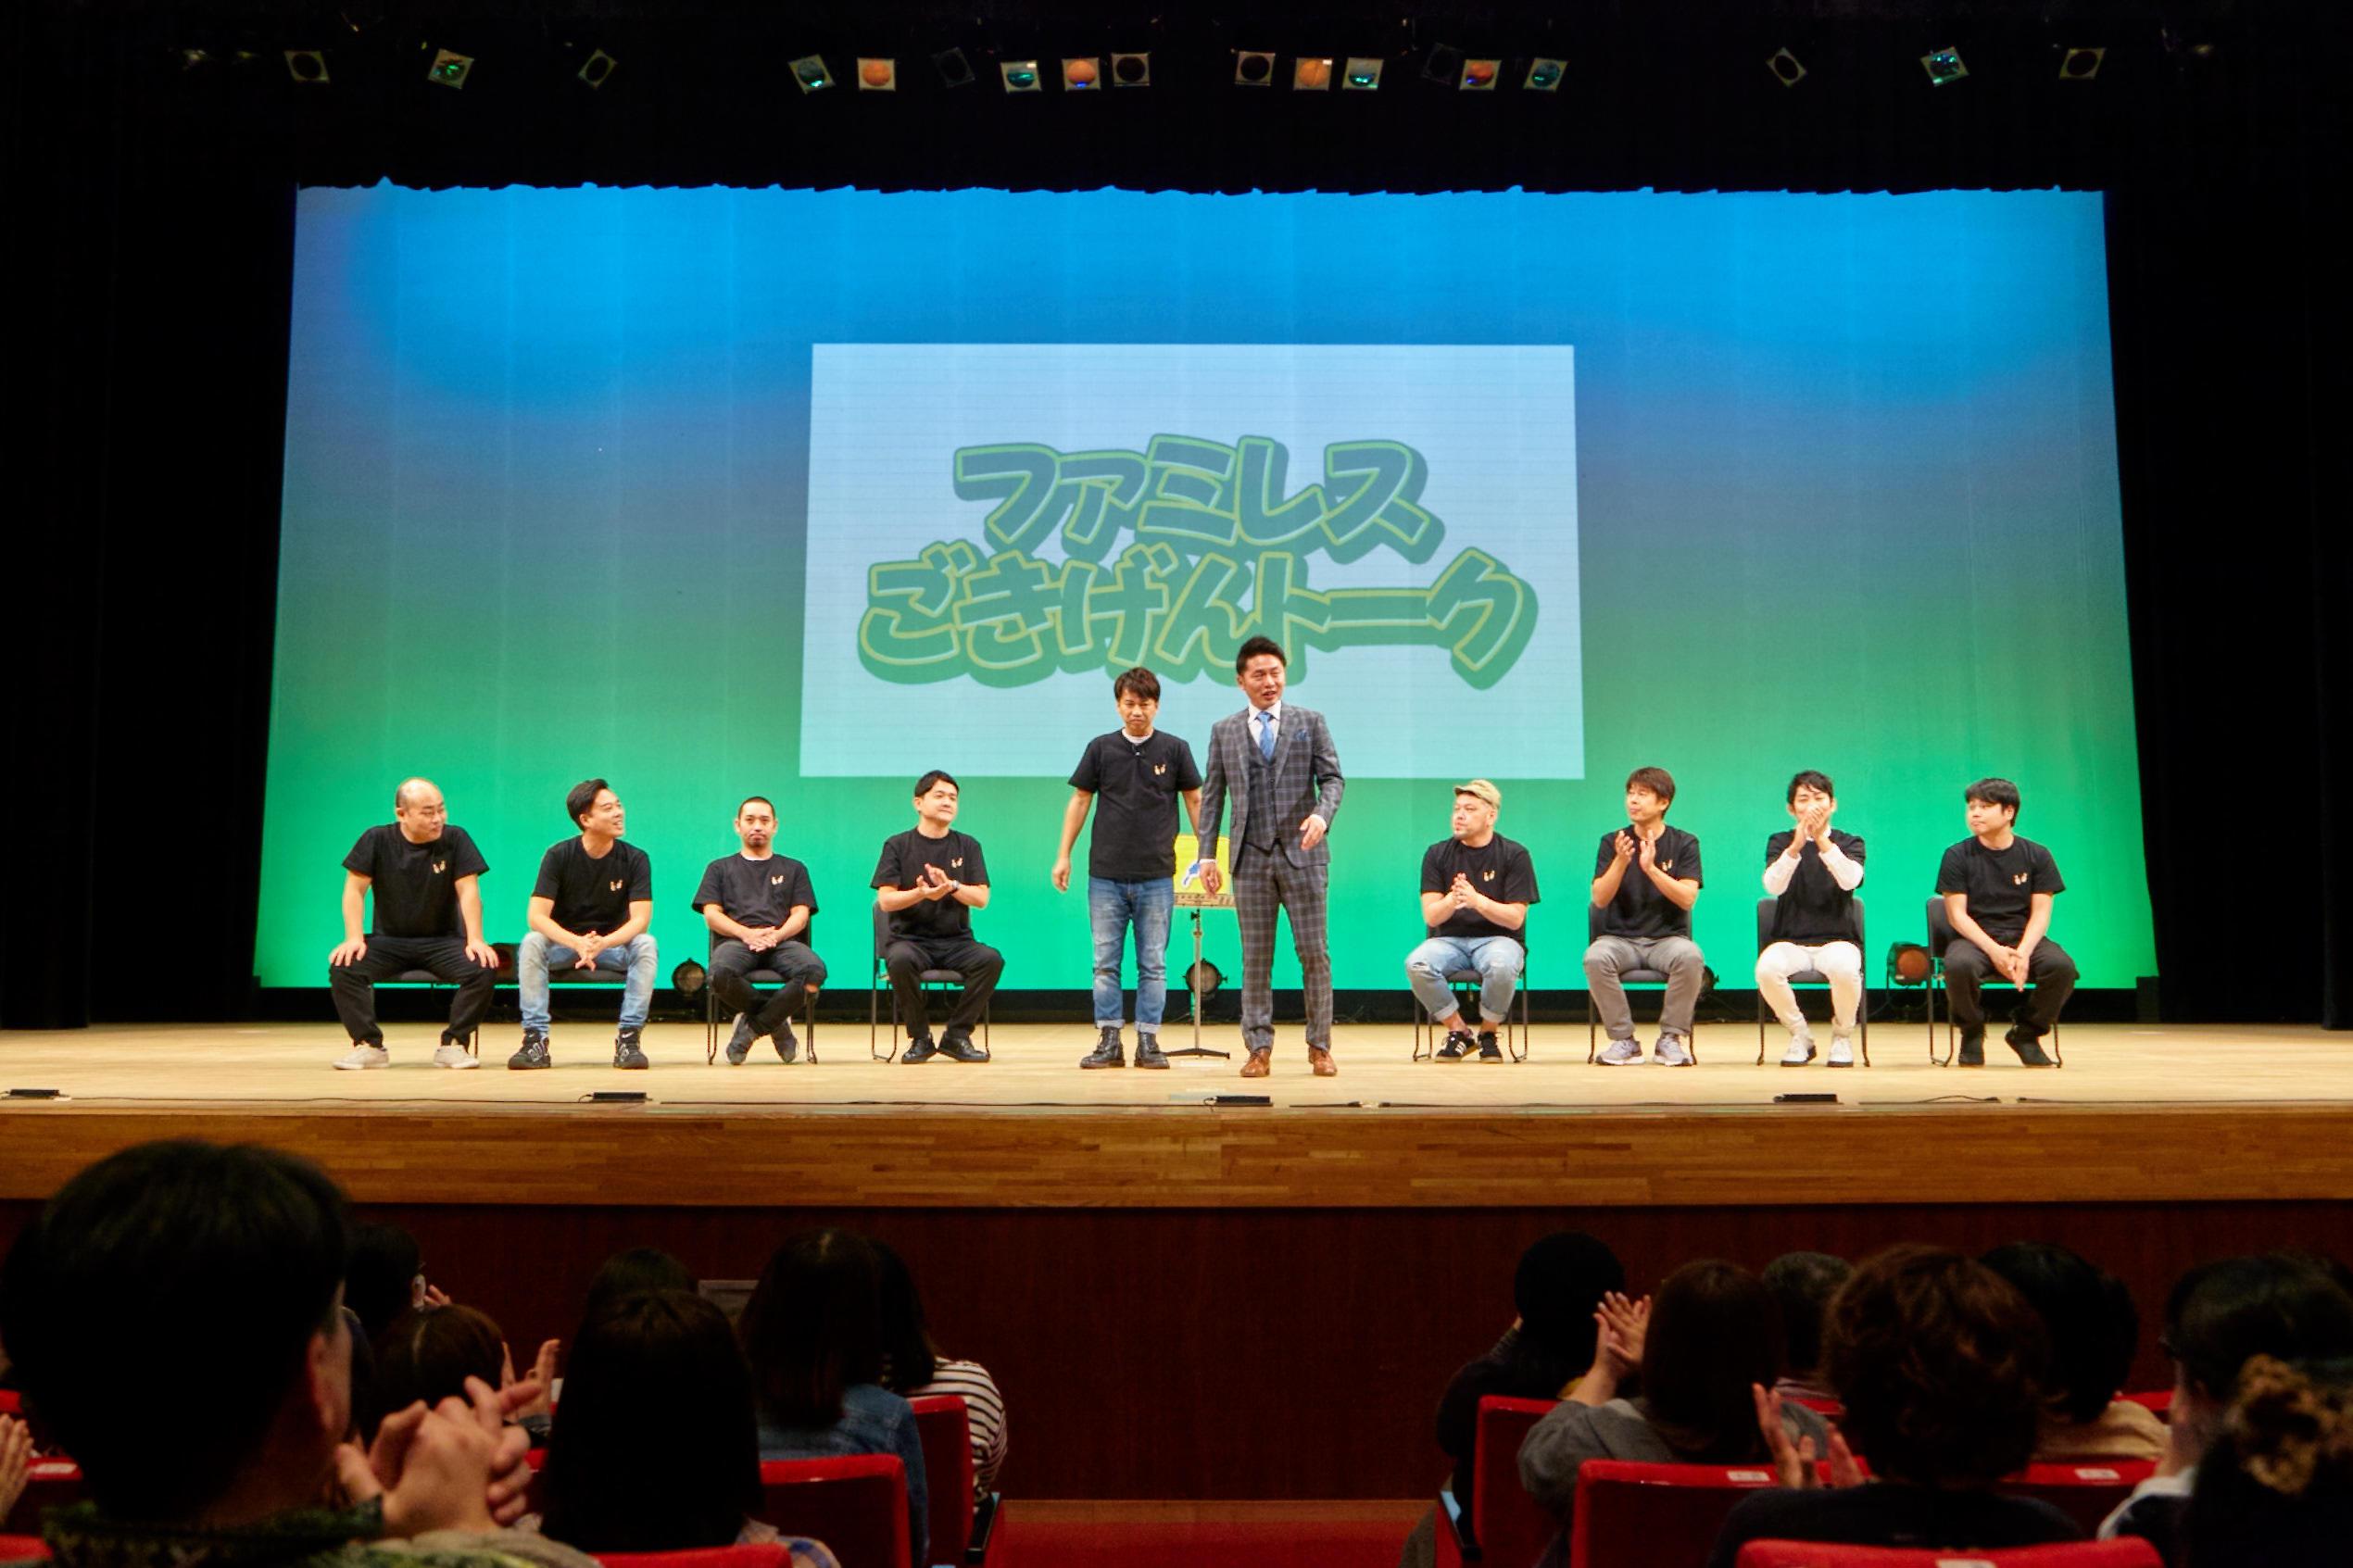 http://news.yoshimoto.co.jp/20171113161858-31f8e03ddce9c97d943c02bd202e0a0e2e090c6c.jpg